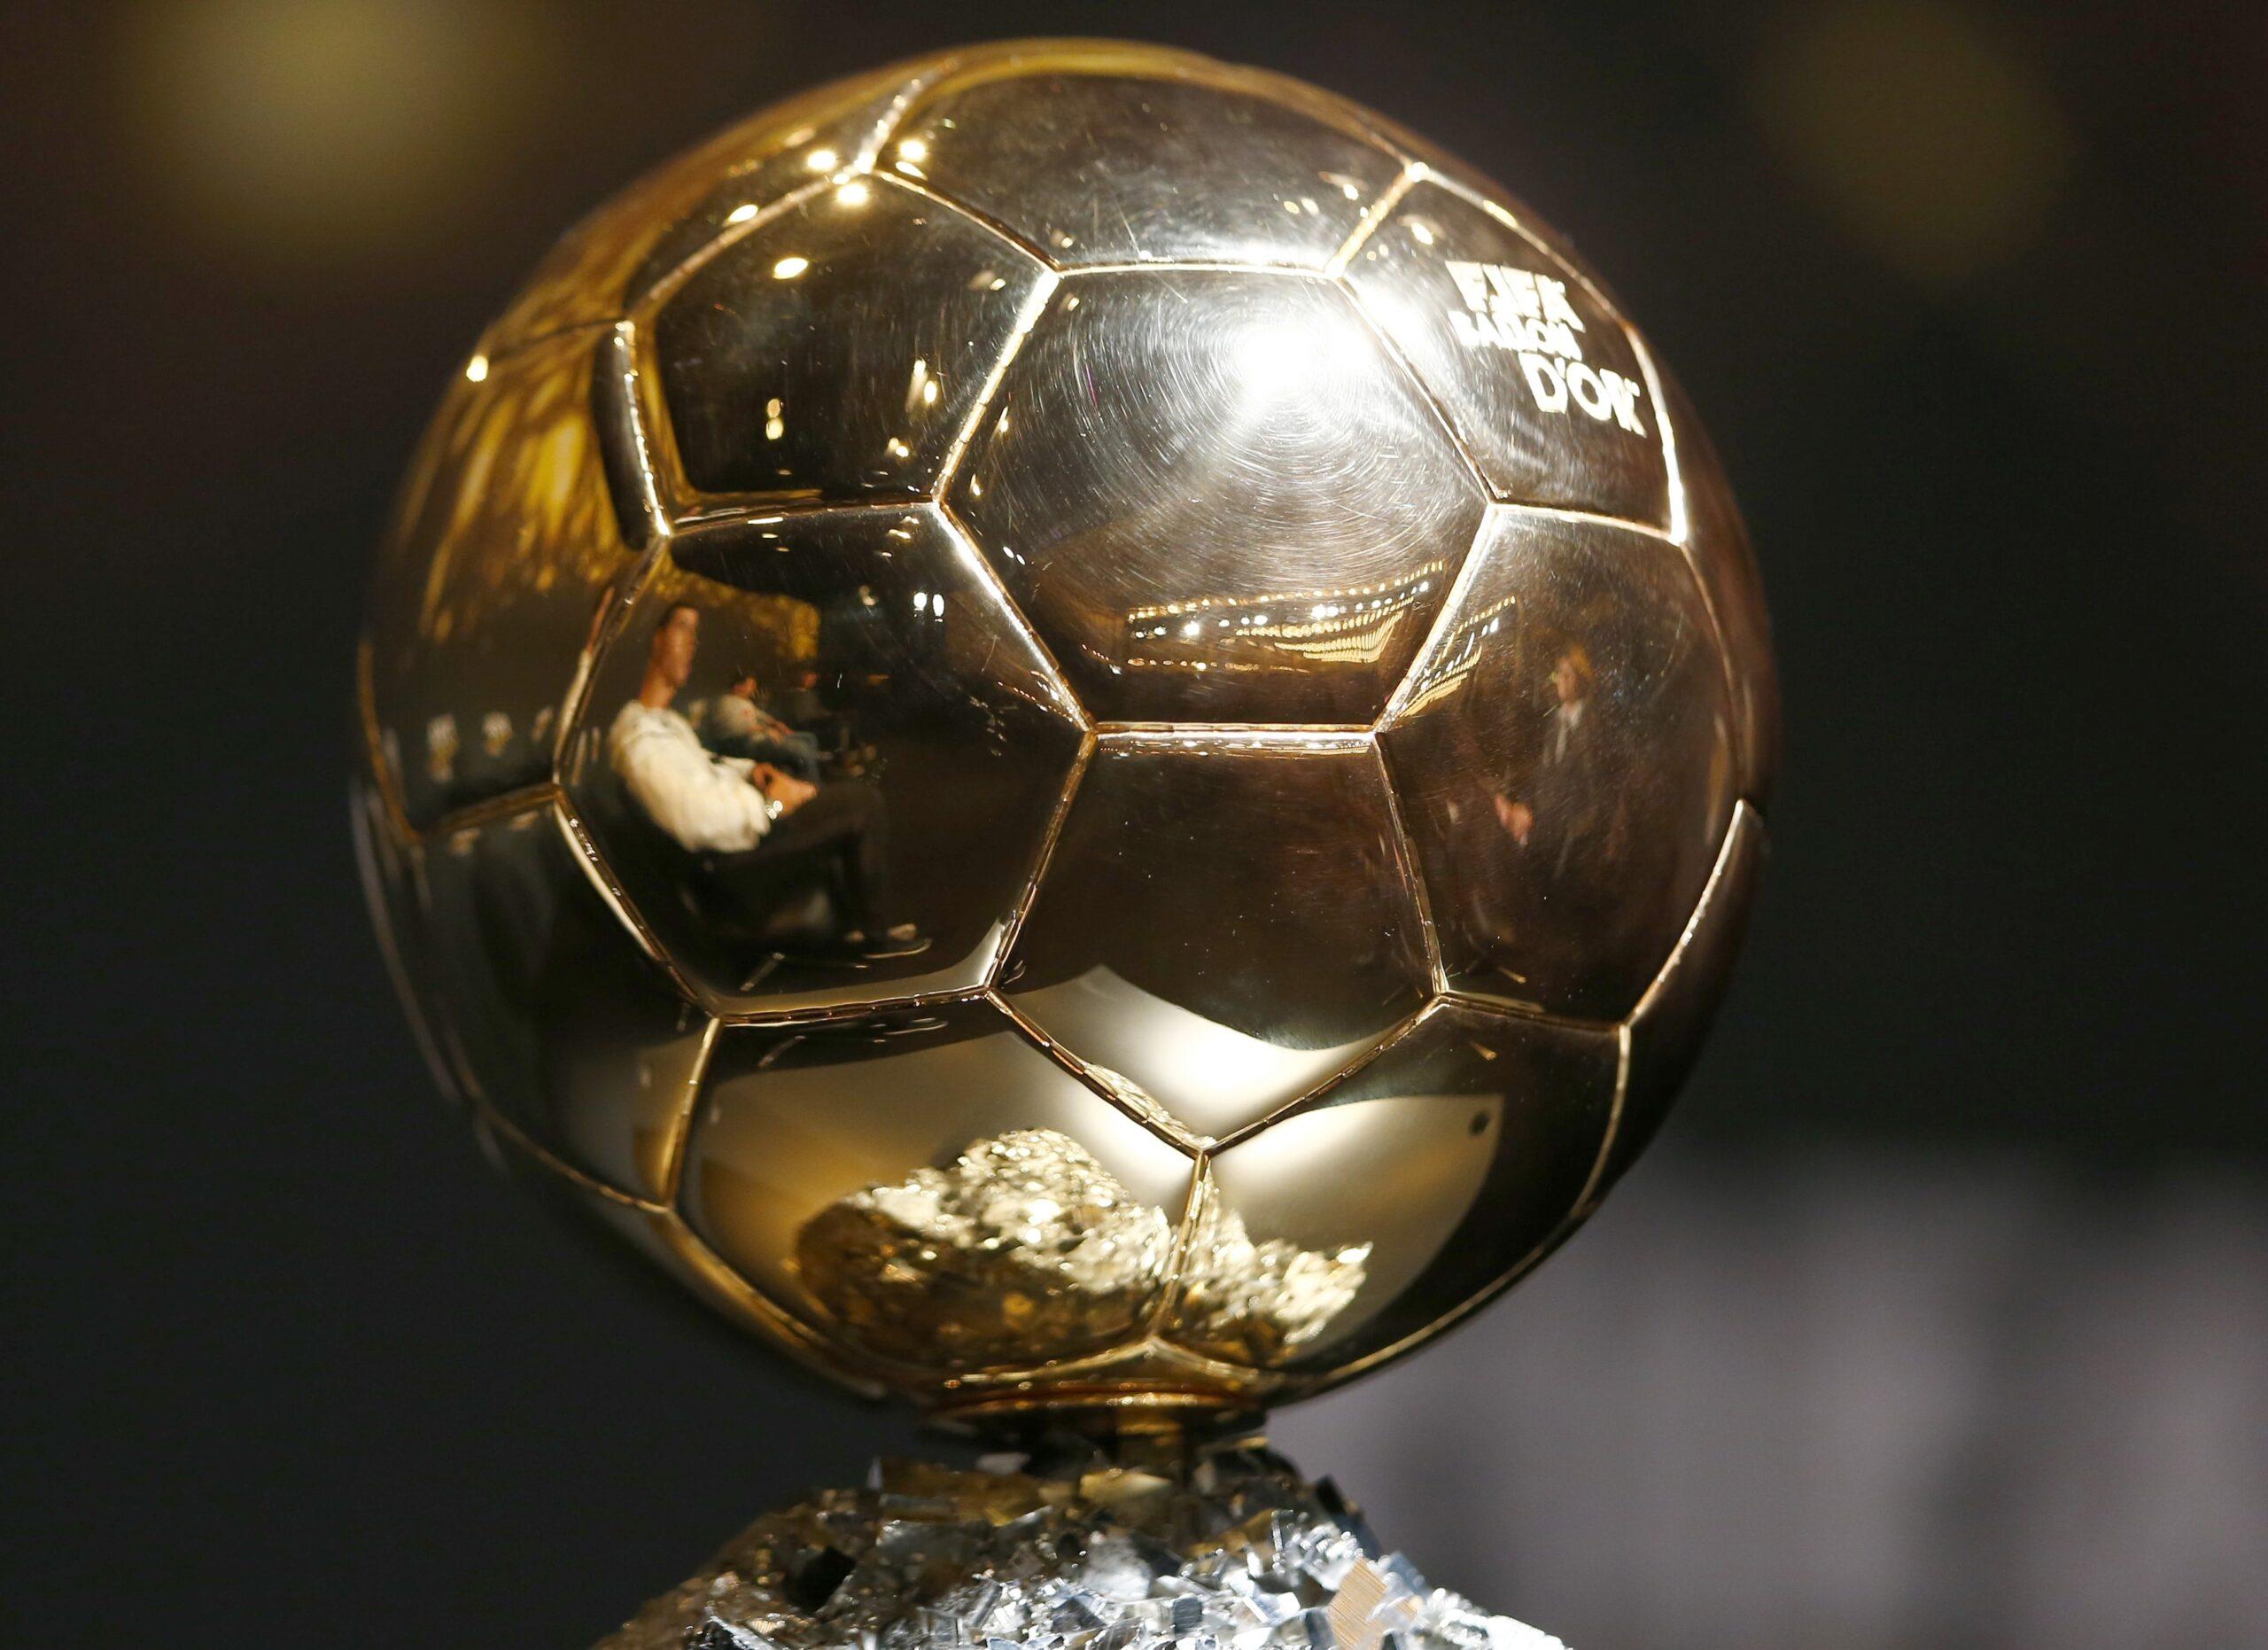 أبرز المرشحين لنيل جائزة الكرة الذهبية